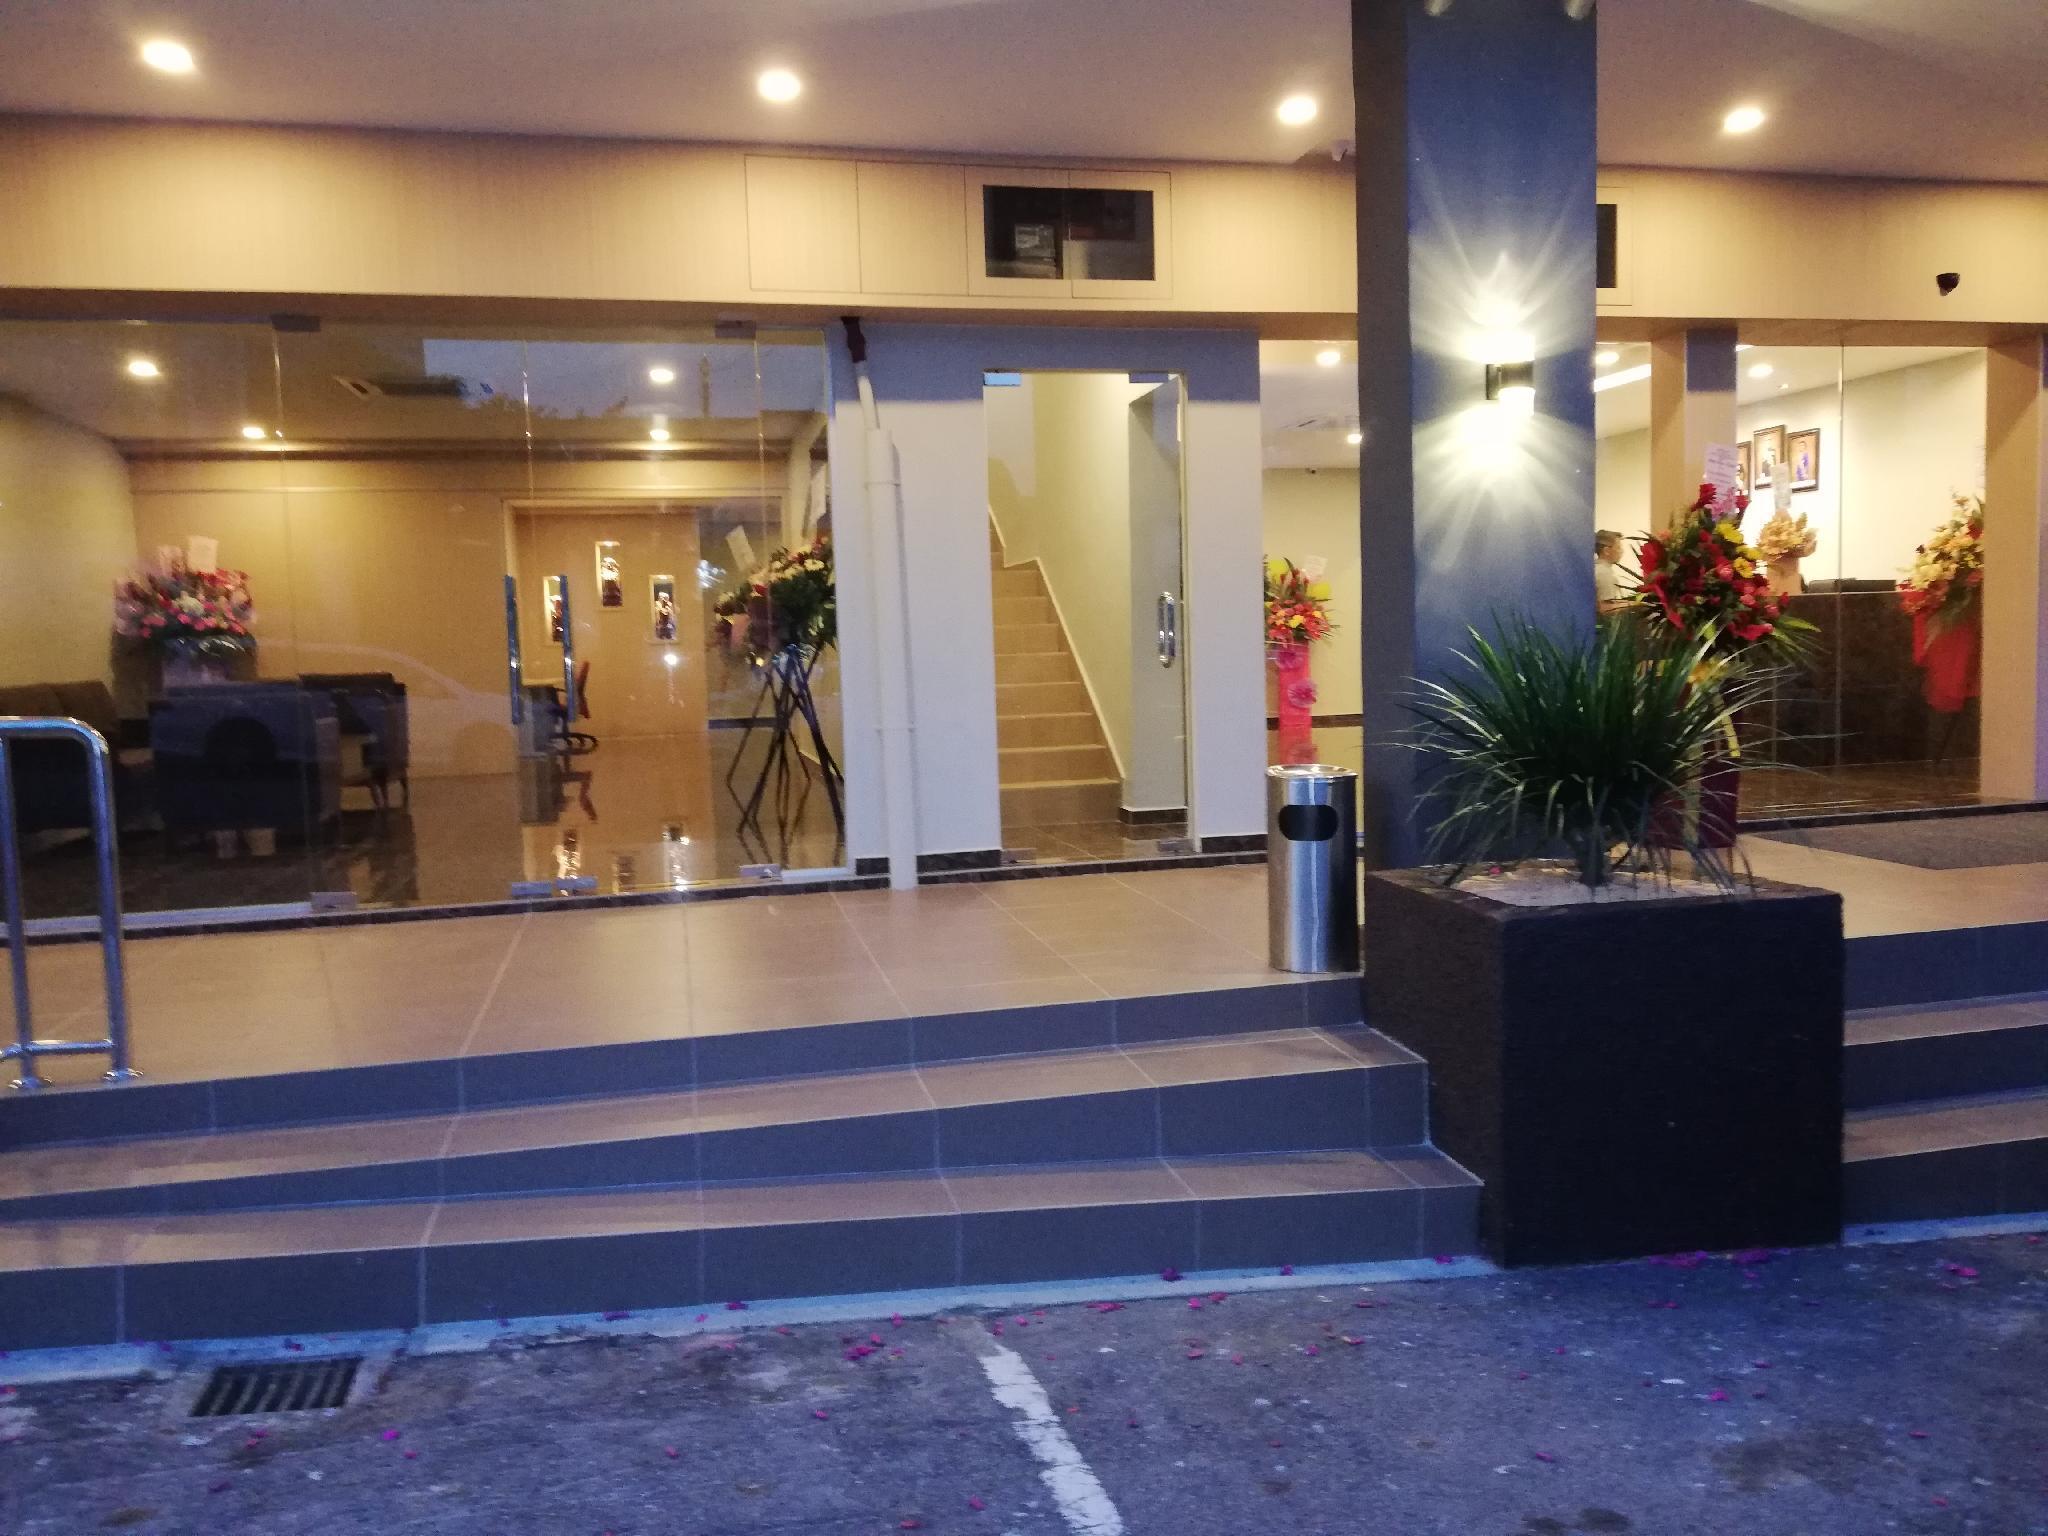 DESA VIEW HOTEL